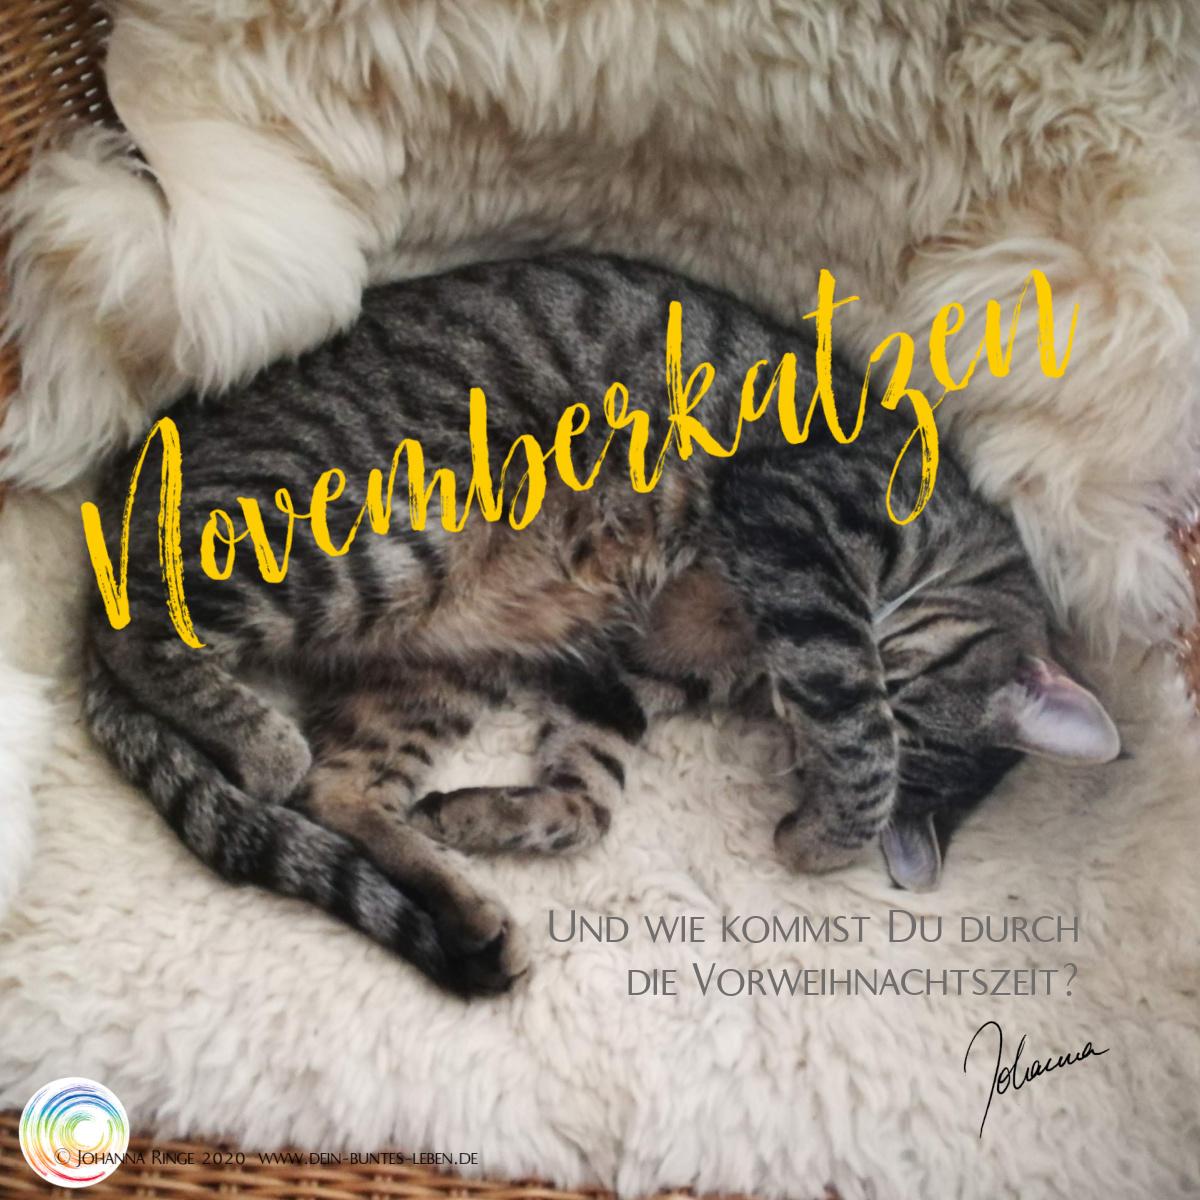 Novemberkatzen: eine getigerte Katze liegt schlafend auf einem Stuhl und hat eine Pfote über den Augen. ©2020 Johanna Ringe www.dein-buntes-leben.de